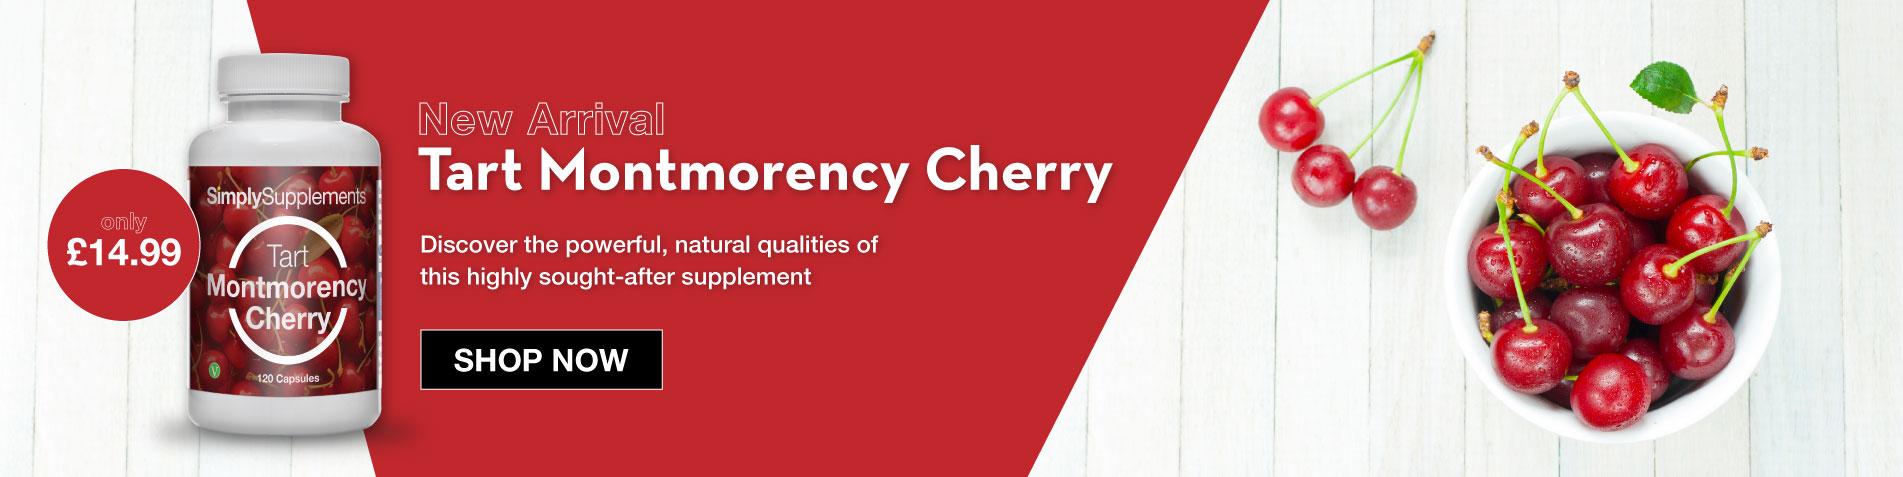 New Tart Montmorency Cherry Capsules